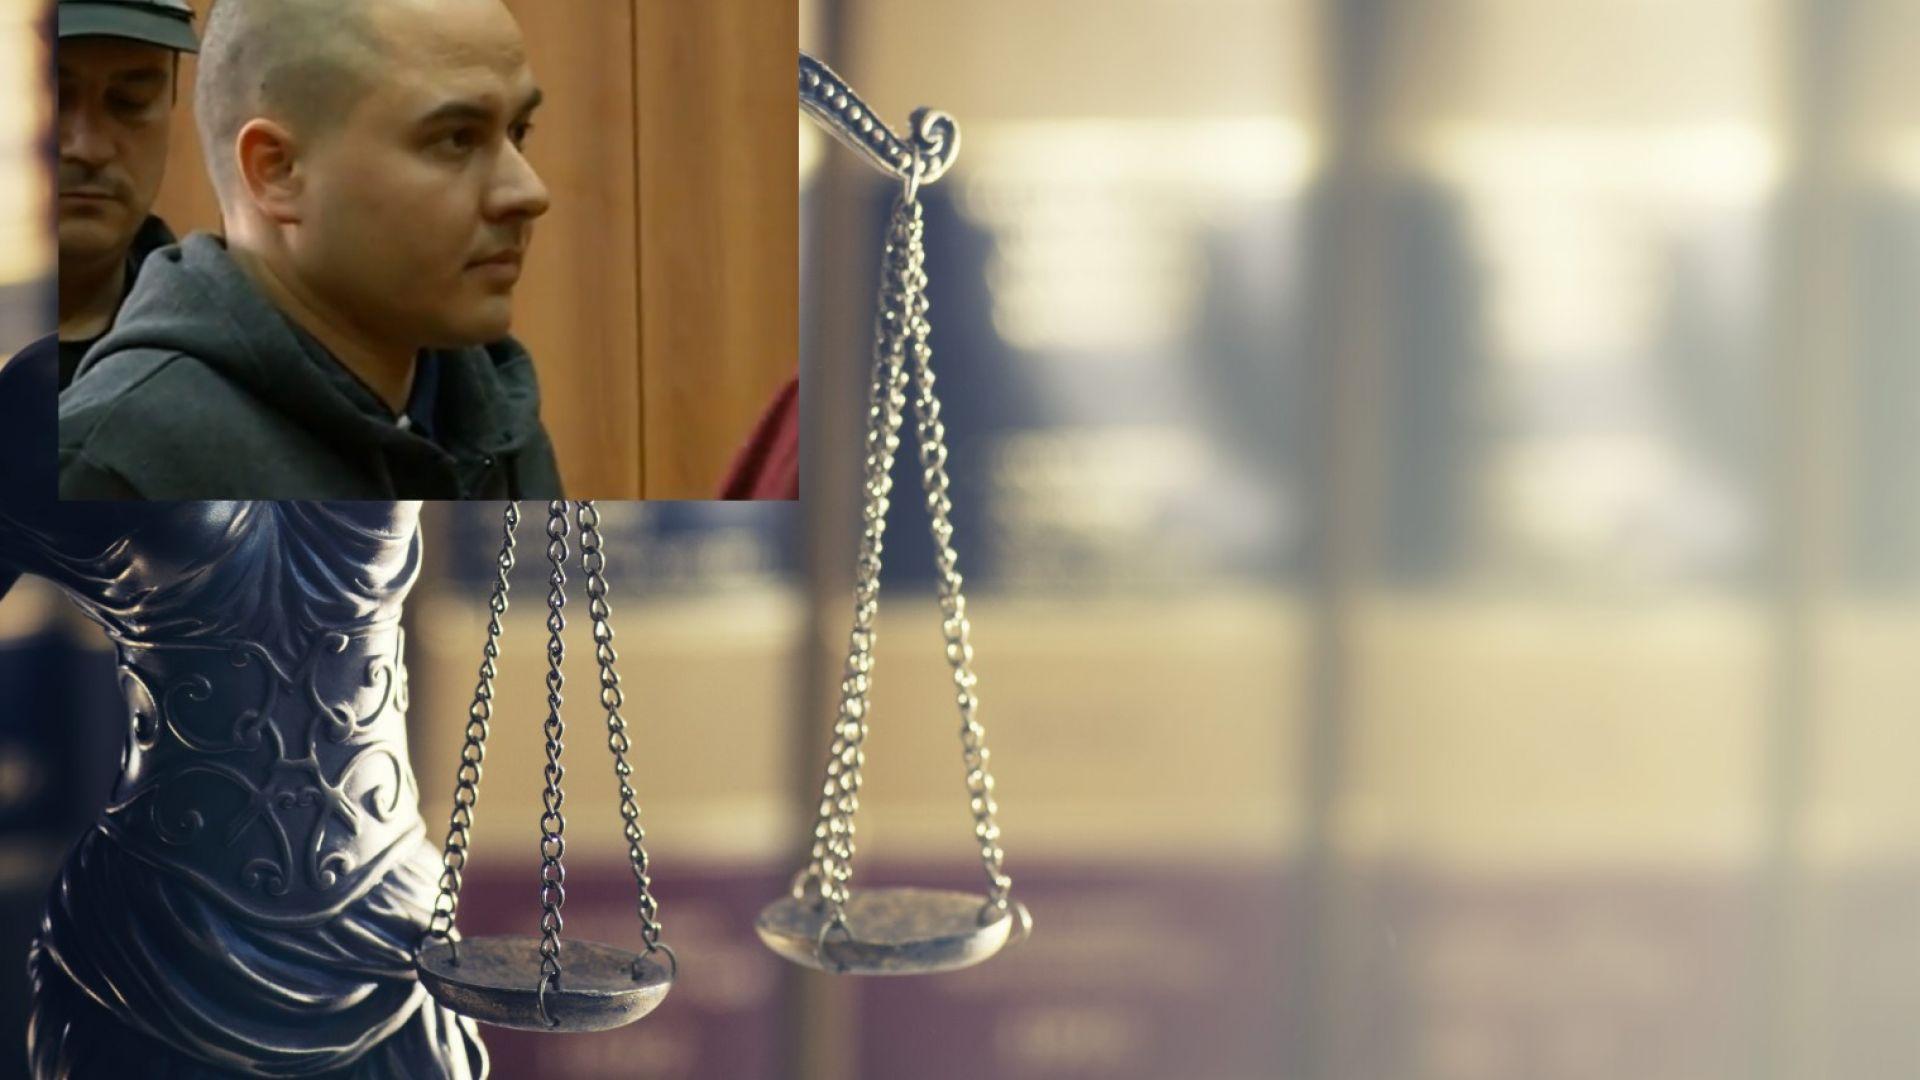 Пловдивският апелативен съд окончателно реши, че бившият полицай Никола Ерелийски